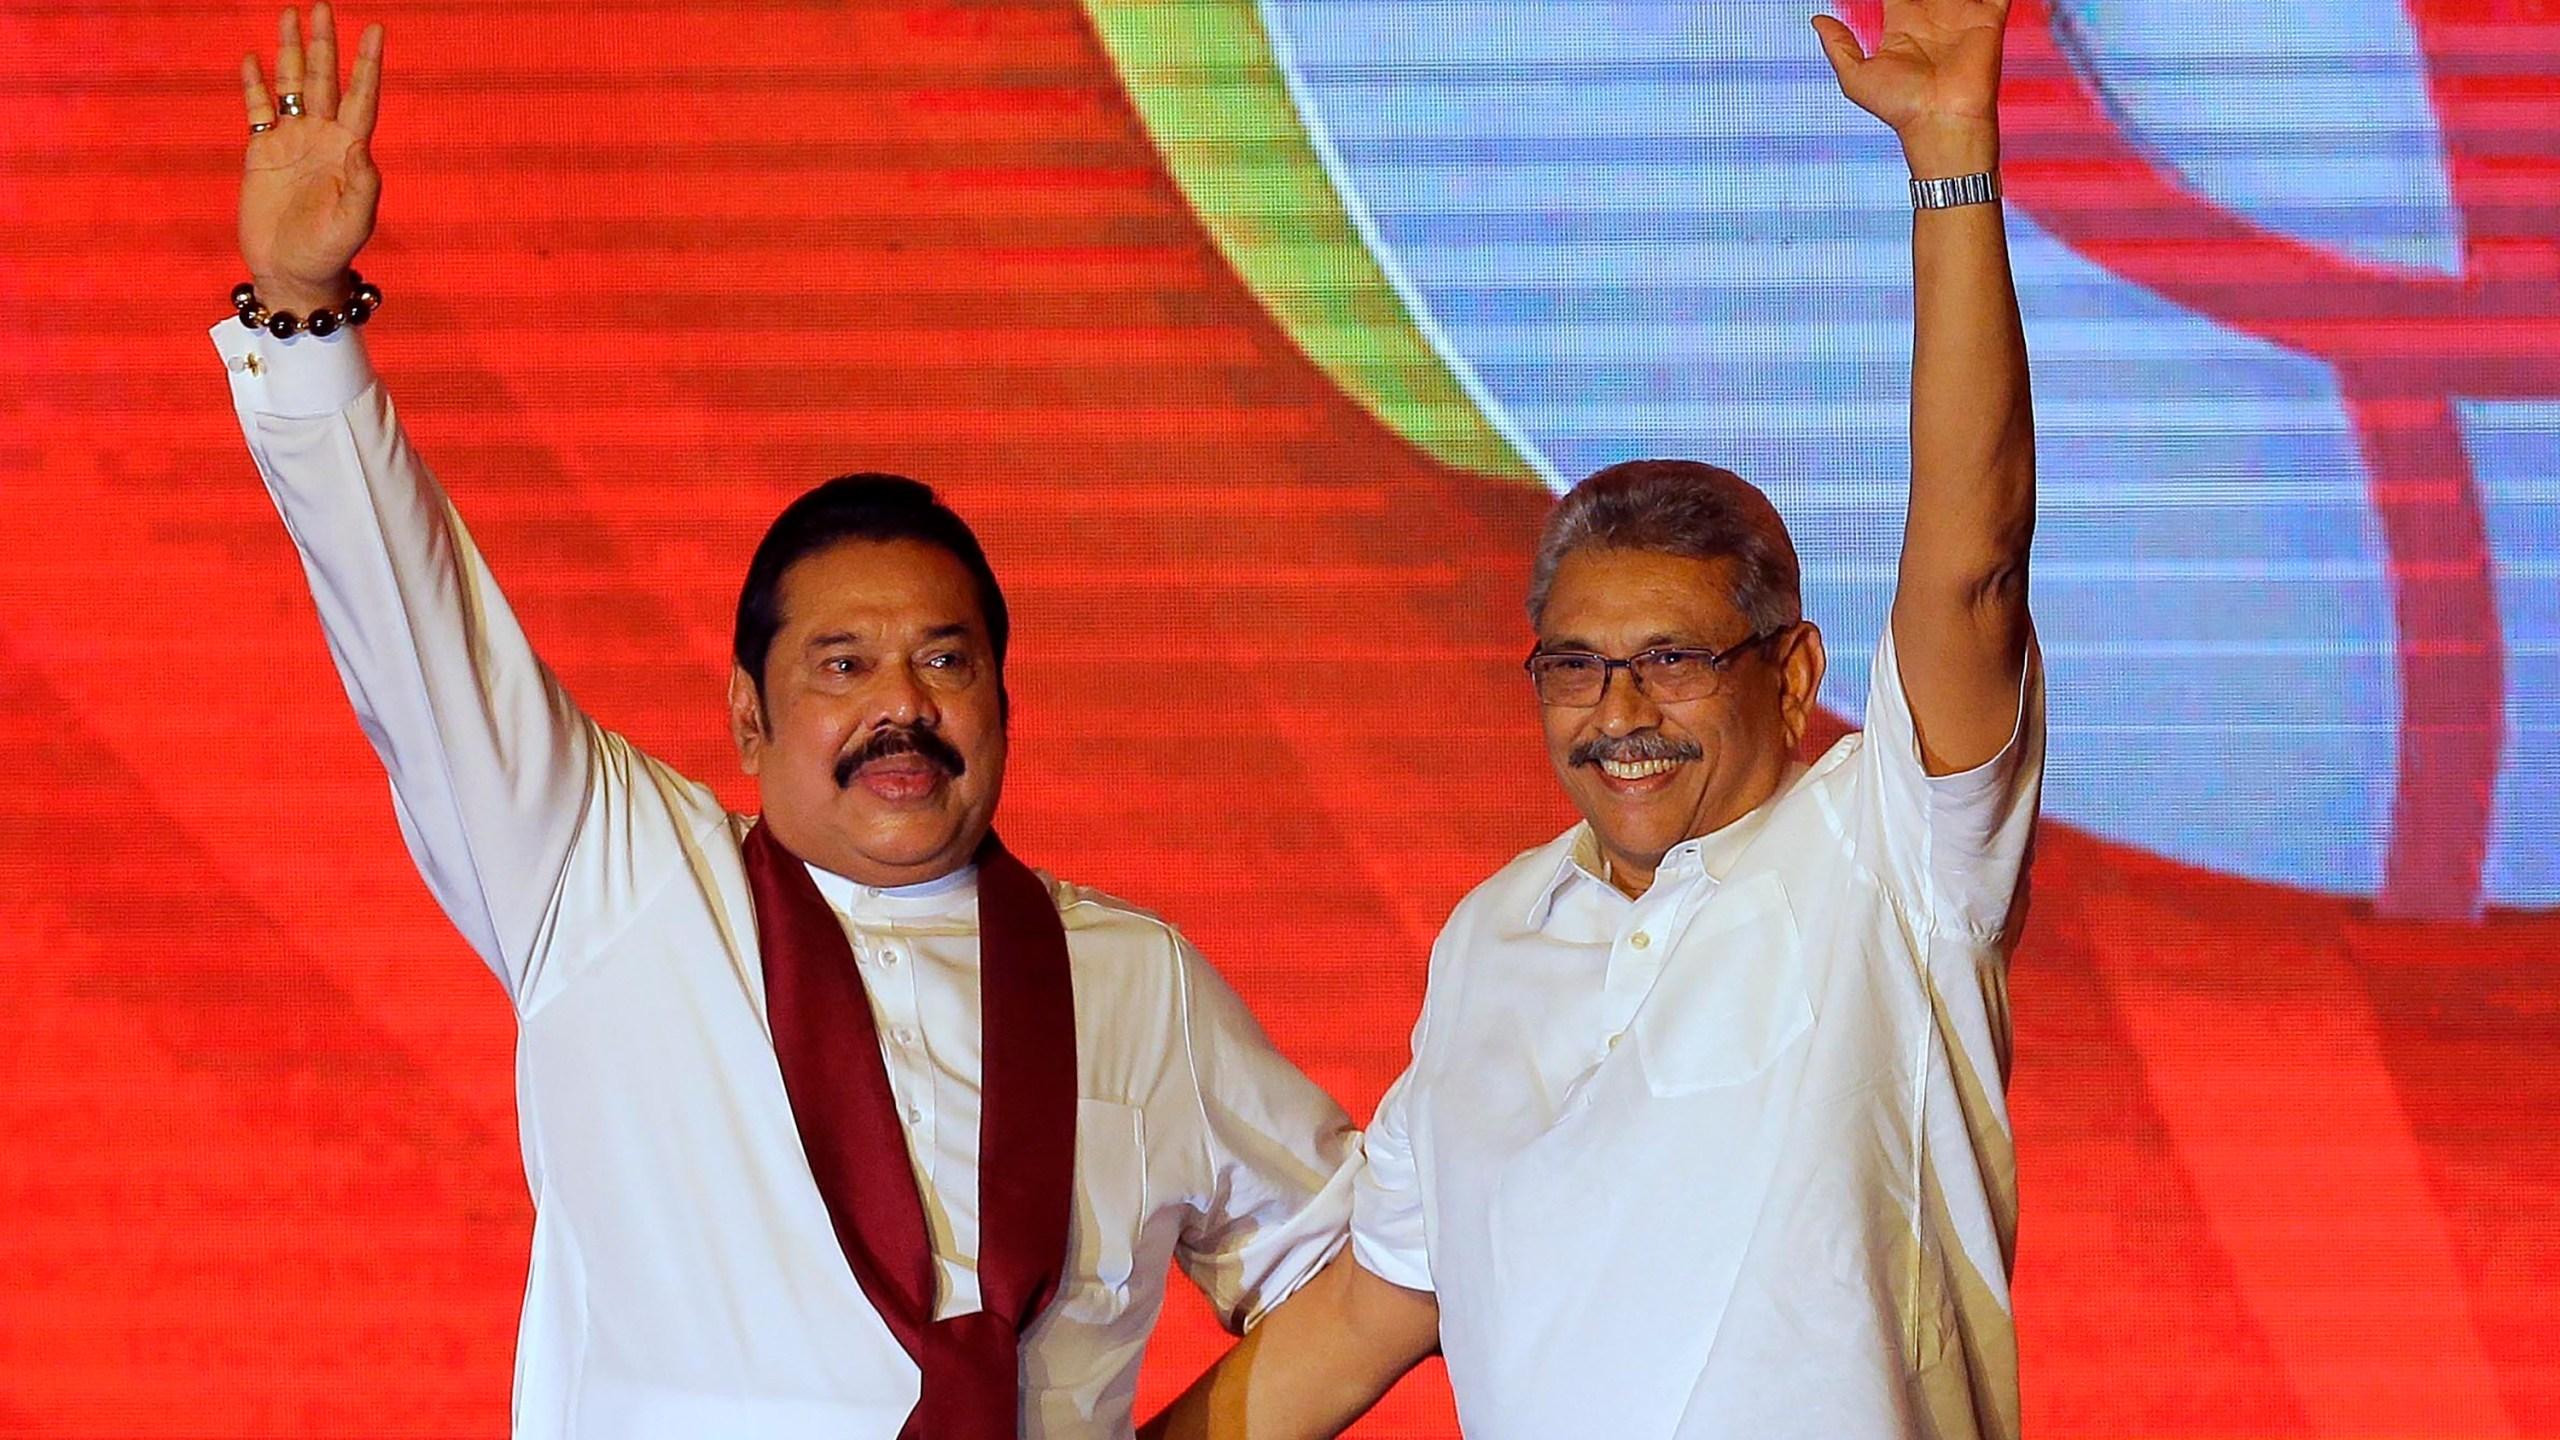 Gotabaya Rajapaksa, Mahinda Rajapaksa